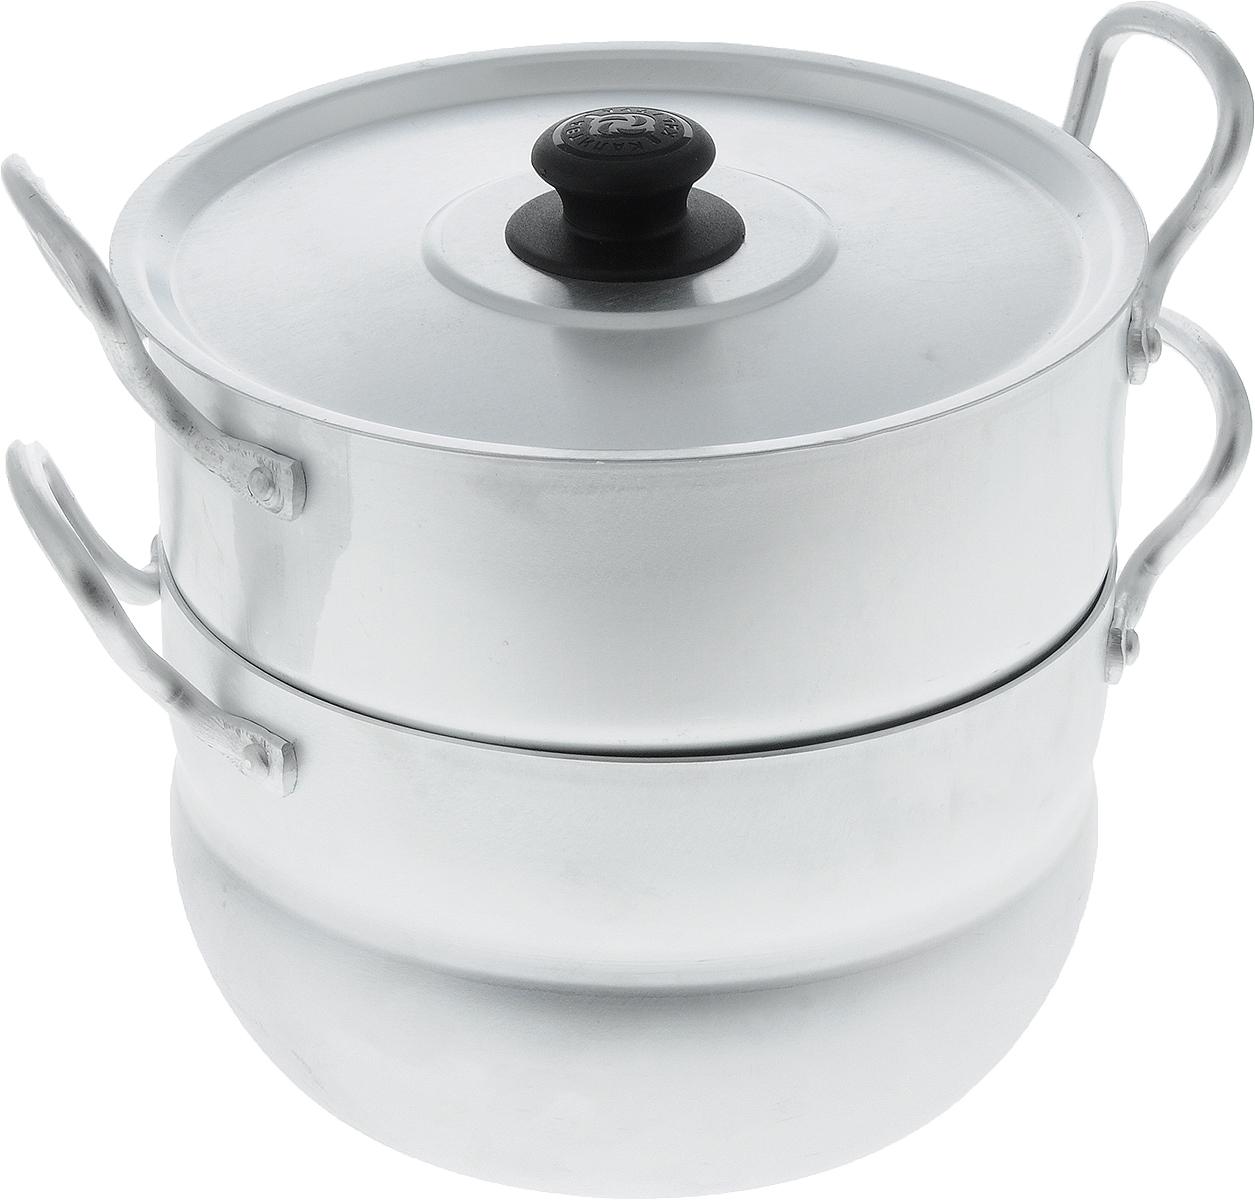 Кастрюля-пароварка  Калитва  с крышкой, 2,5 л - Посуда для приготовления